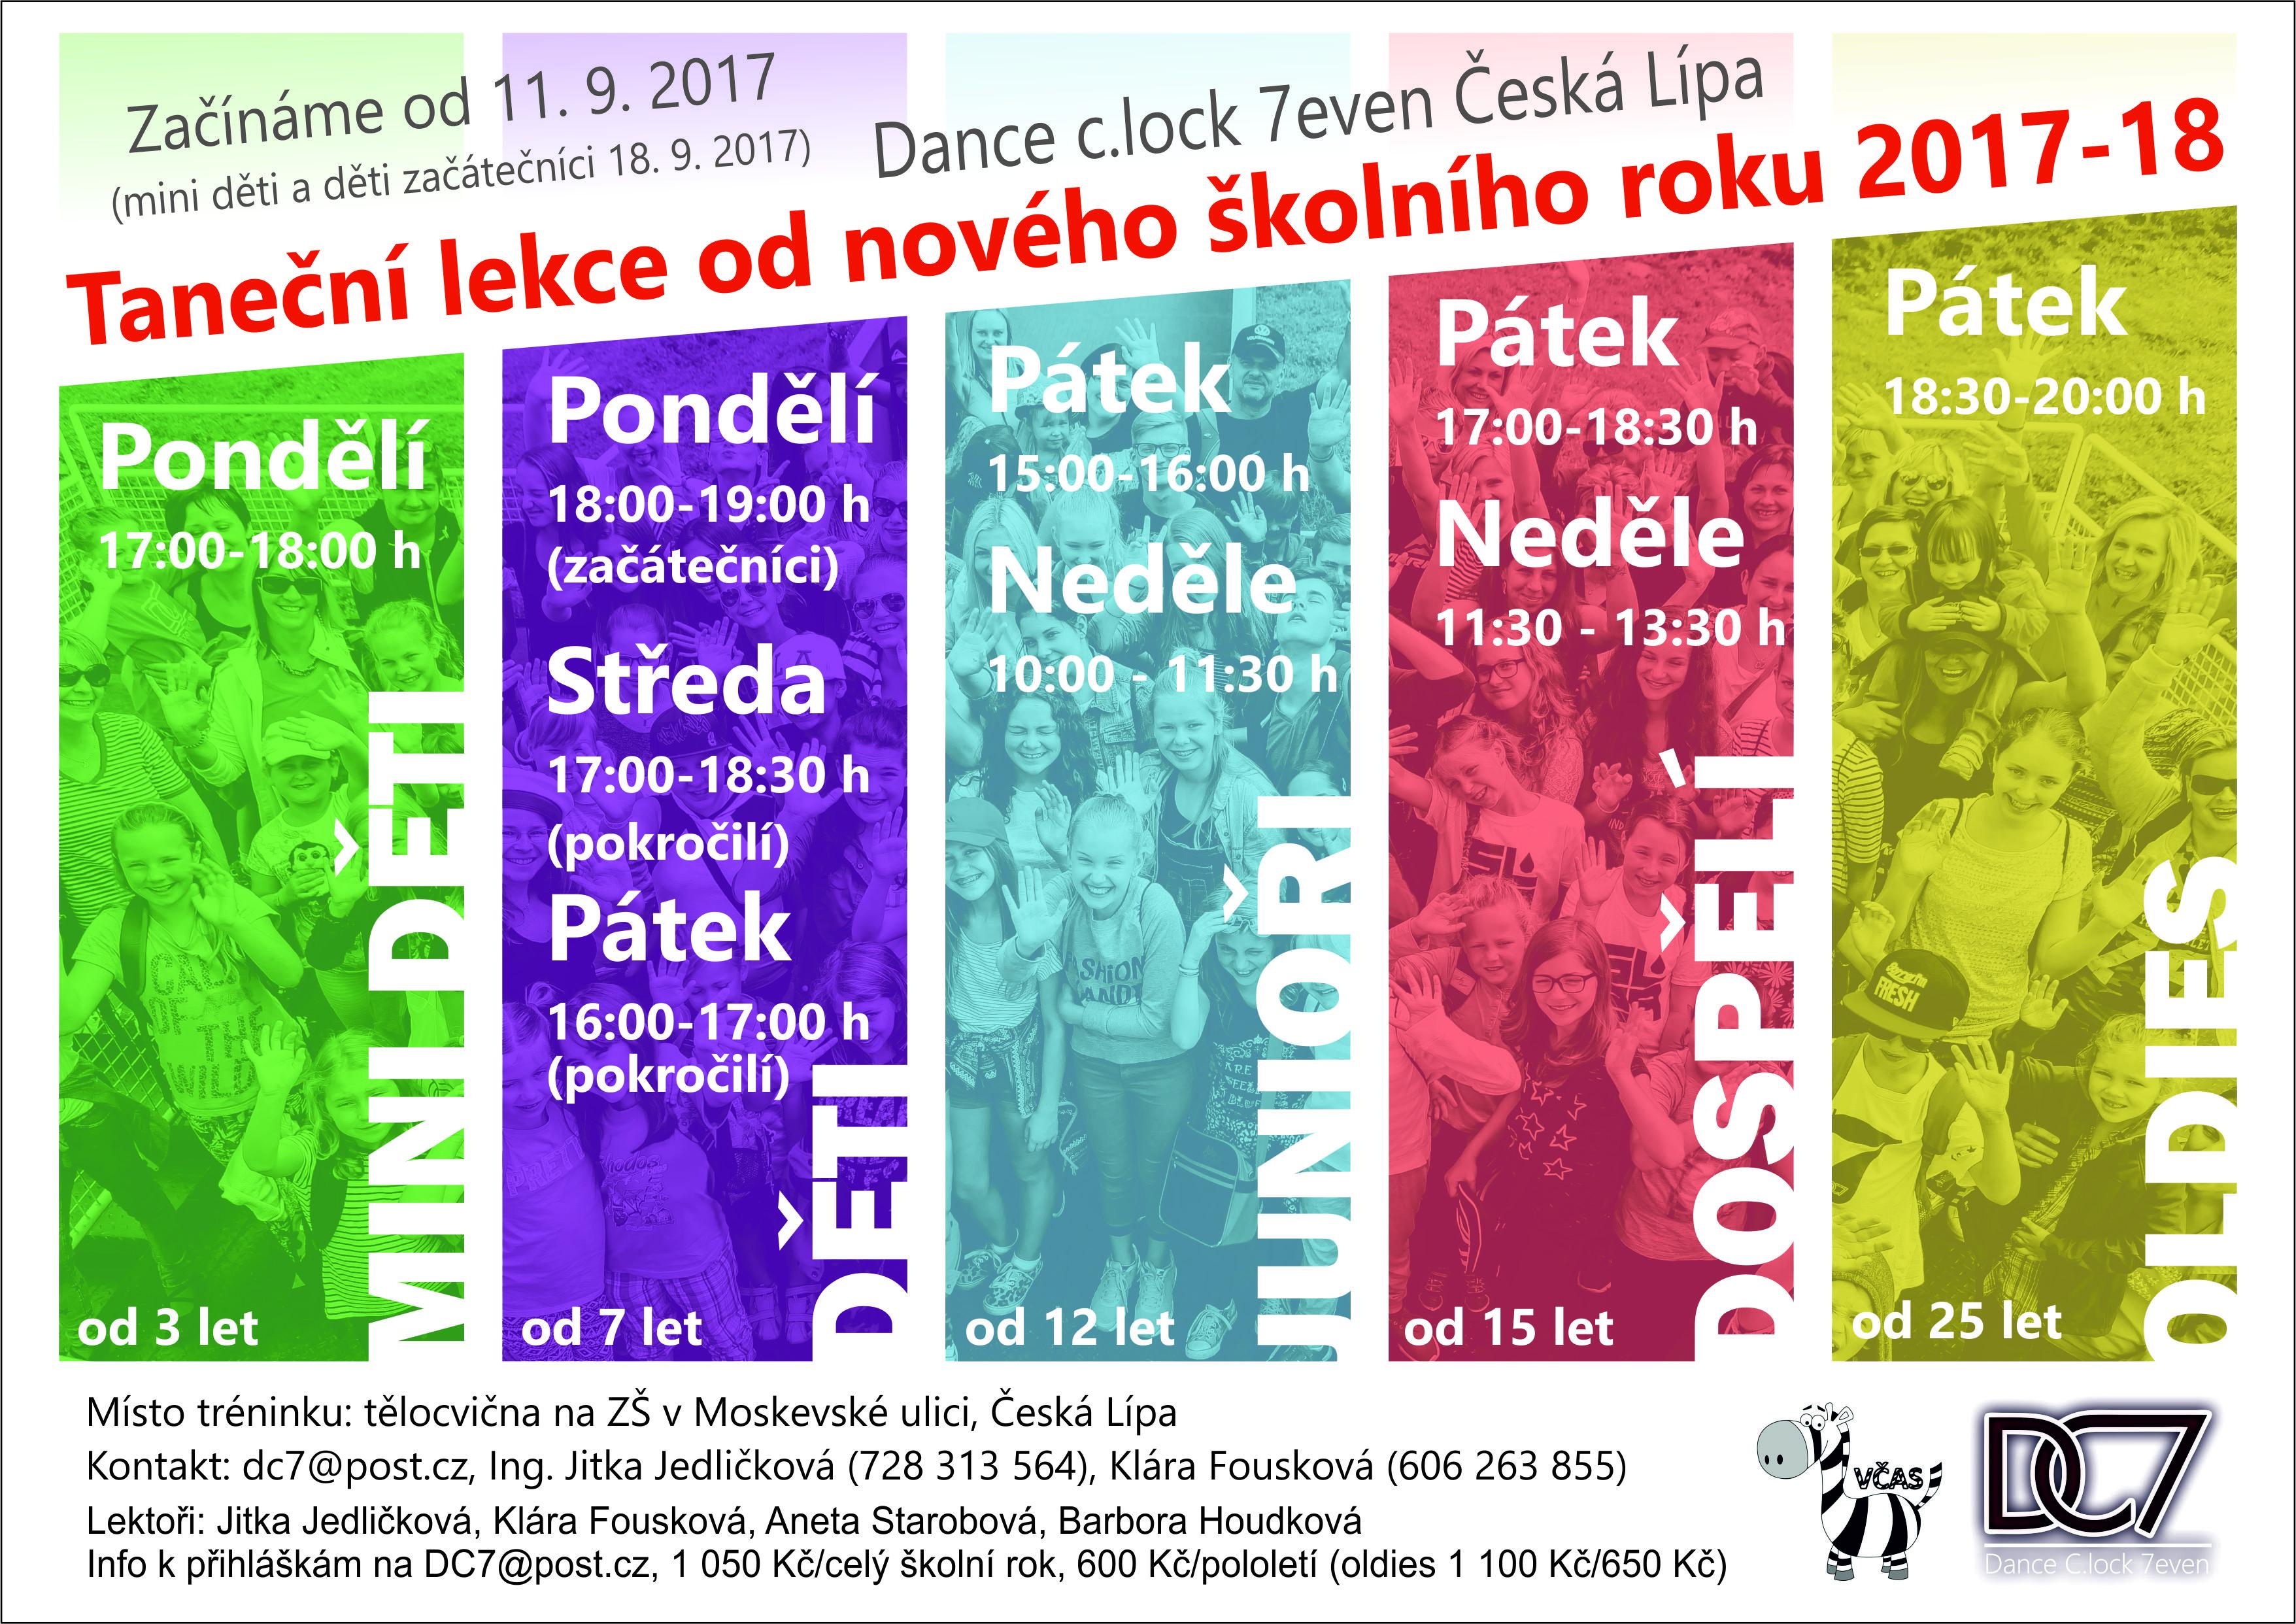 Rozvrh tanečních lekcí